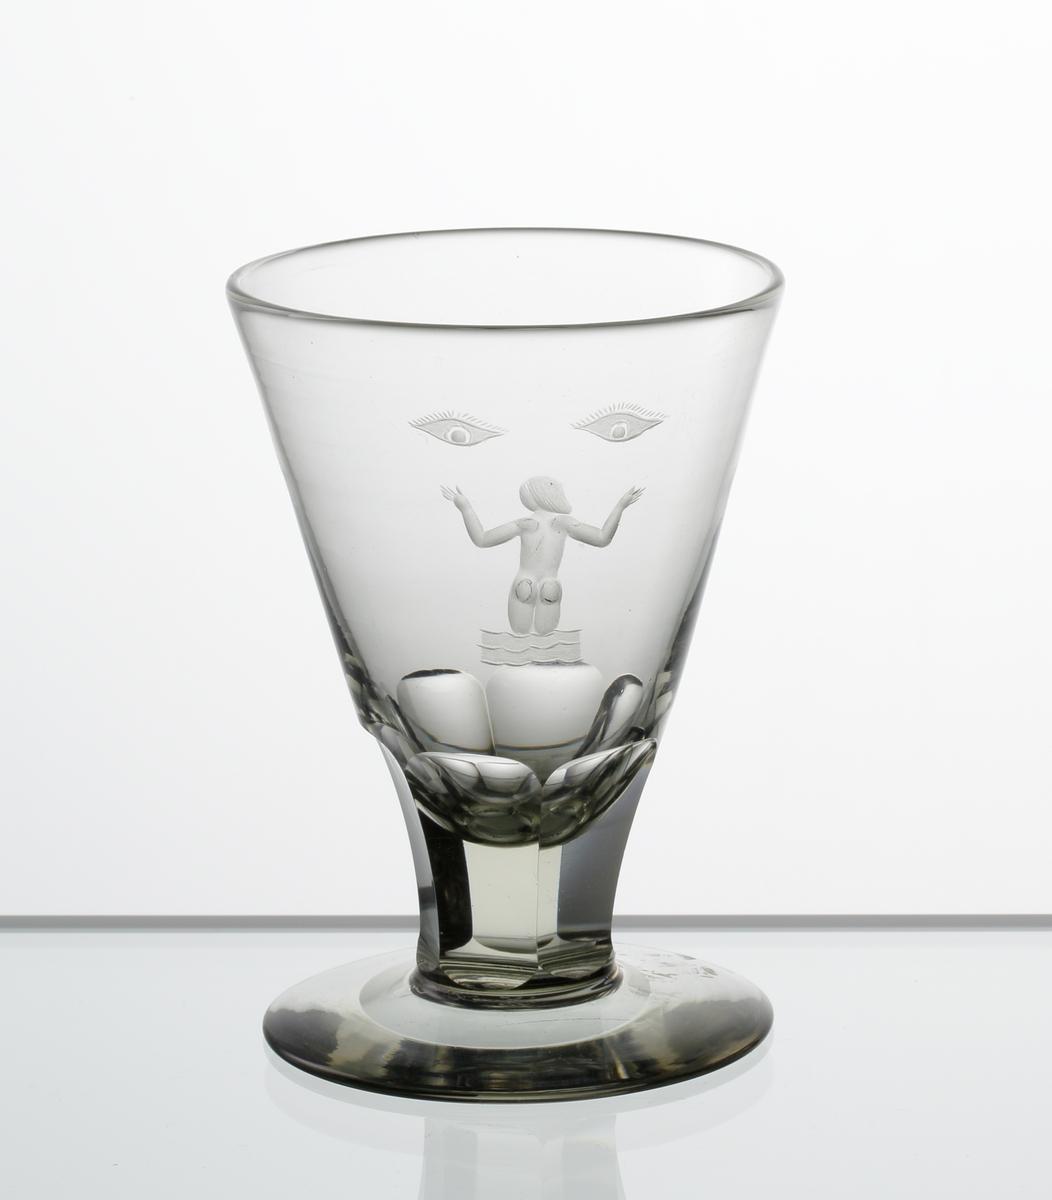 Design: Edward Hald. Brännvinsglas. Grågröntonad, konisk kupa med fasettslipat lågt ben på fot. Graverat motiv i form av badande kvinna och  ett ögonpar på kupan.